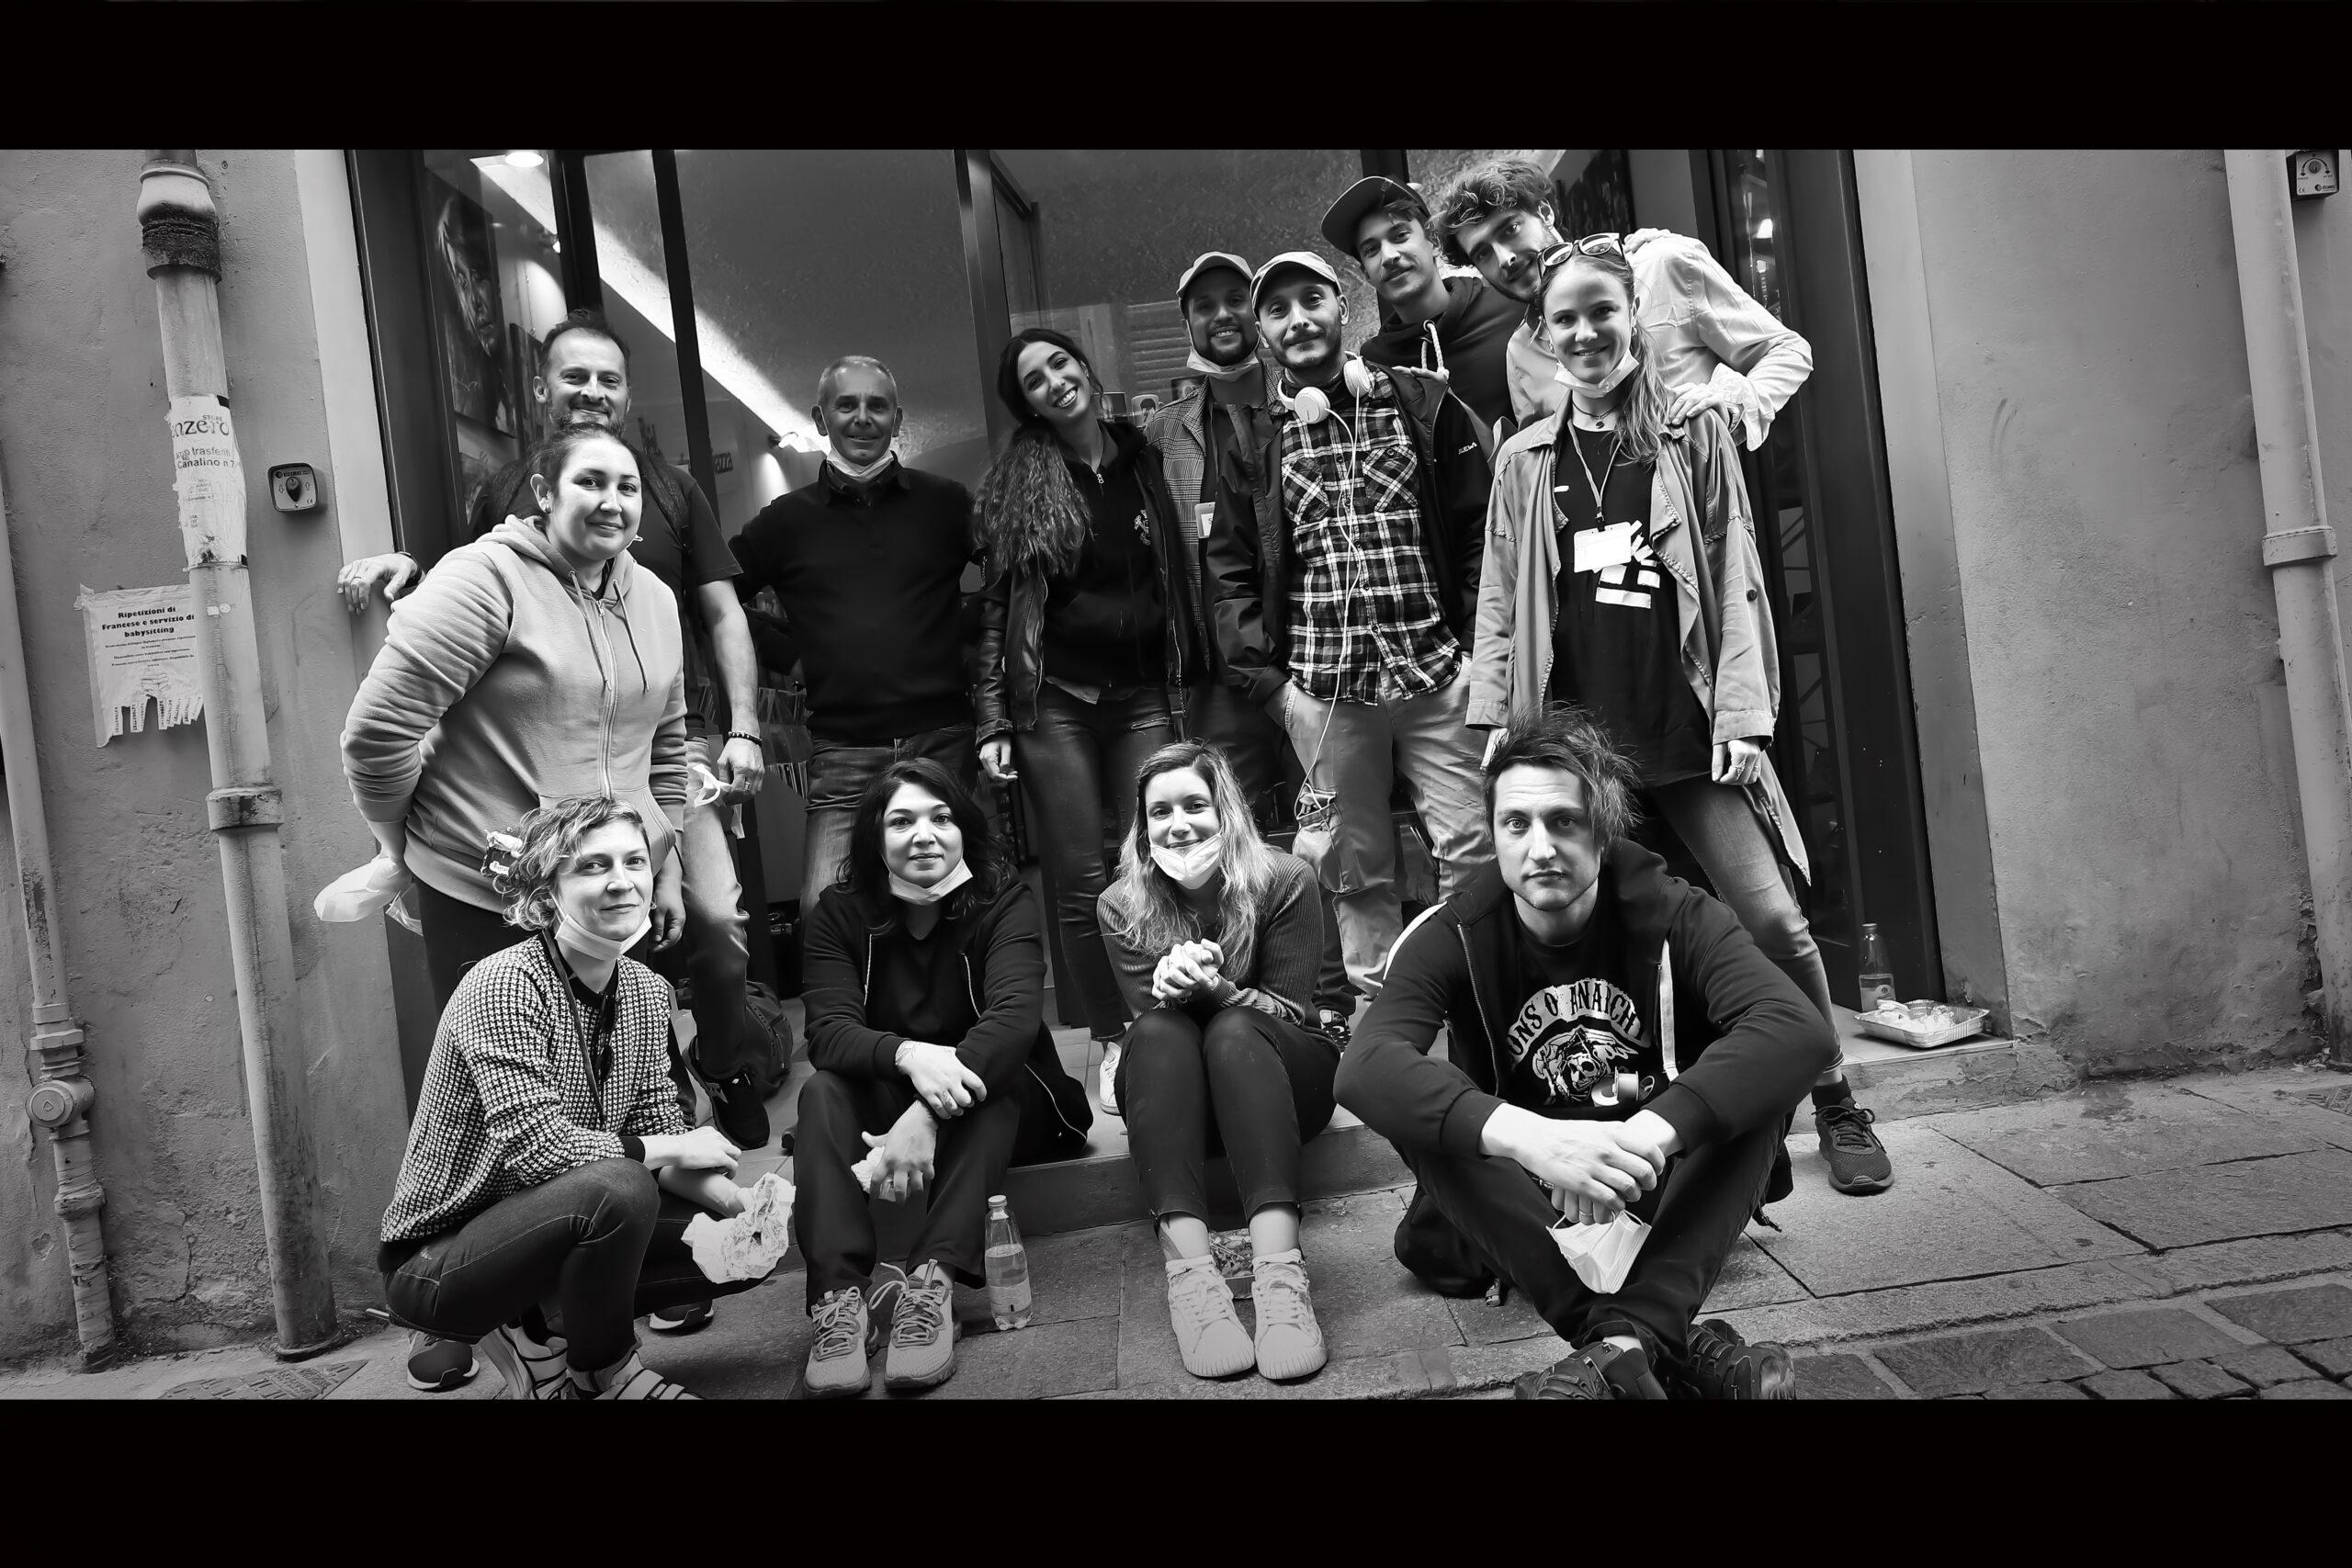 Fine delle riprese per il cortometraggio U.Di.Con. sul post-lockdown girato a Modena.  Il progetto è stato realizzato in quattro giorni e verrà presentato a dicembre nei cinema